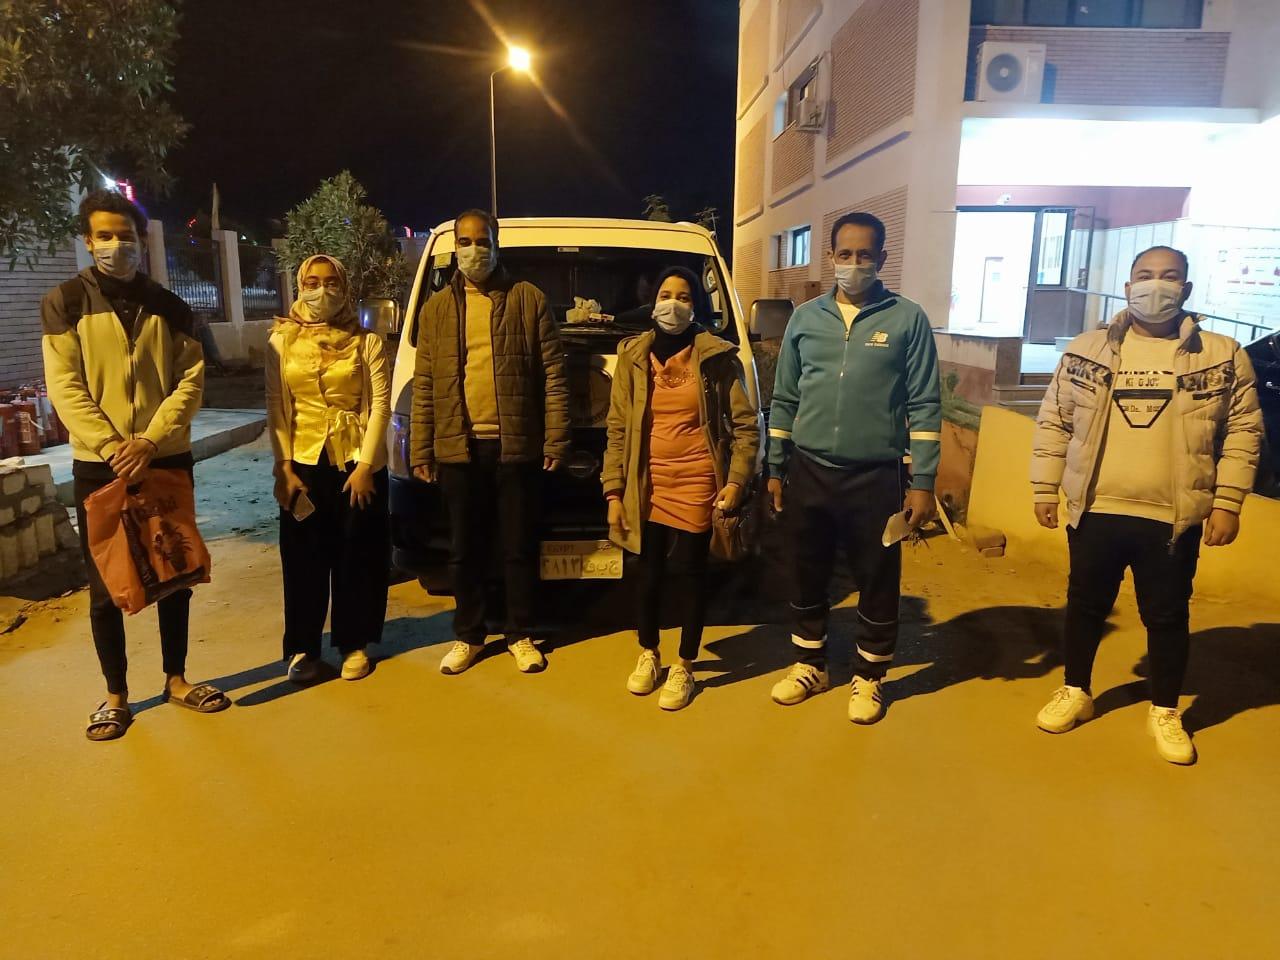 مُصادرة (٦) تكاتك مخالفه من شوارع مدينة الزقازيق